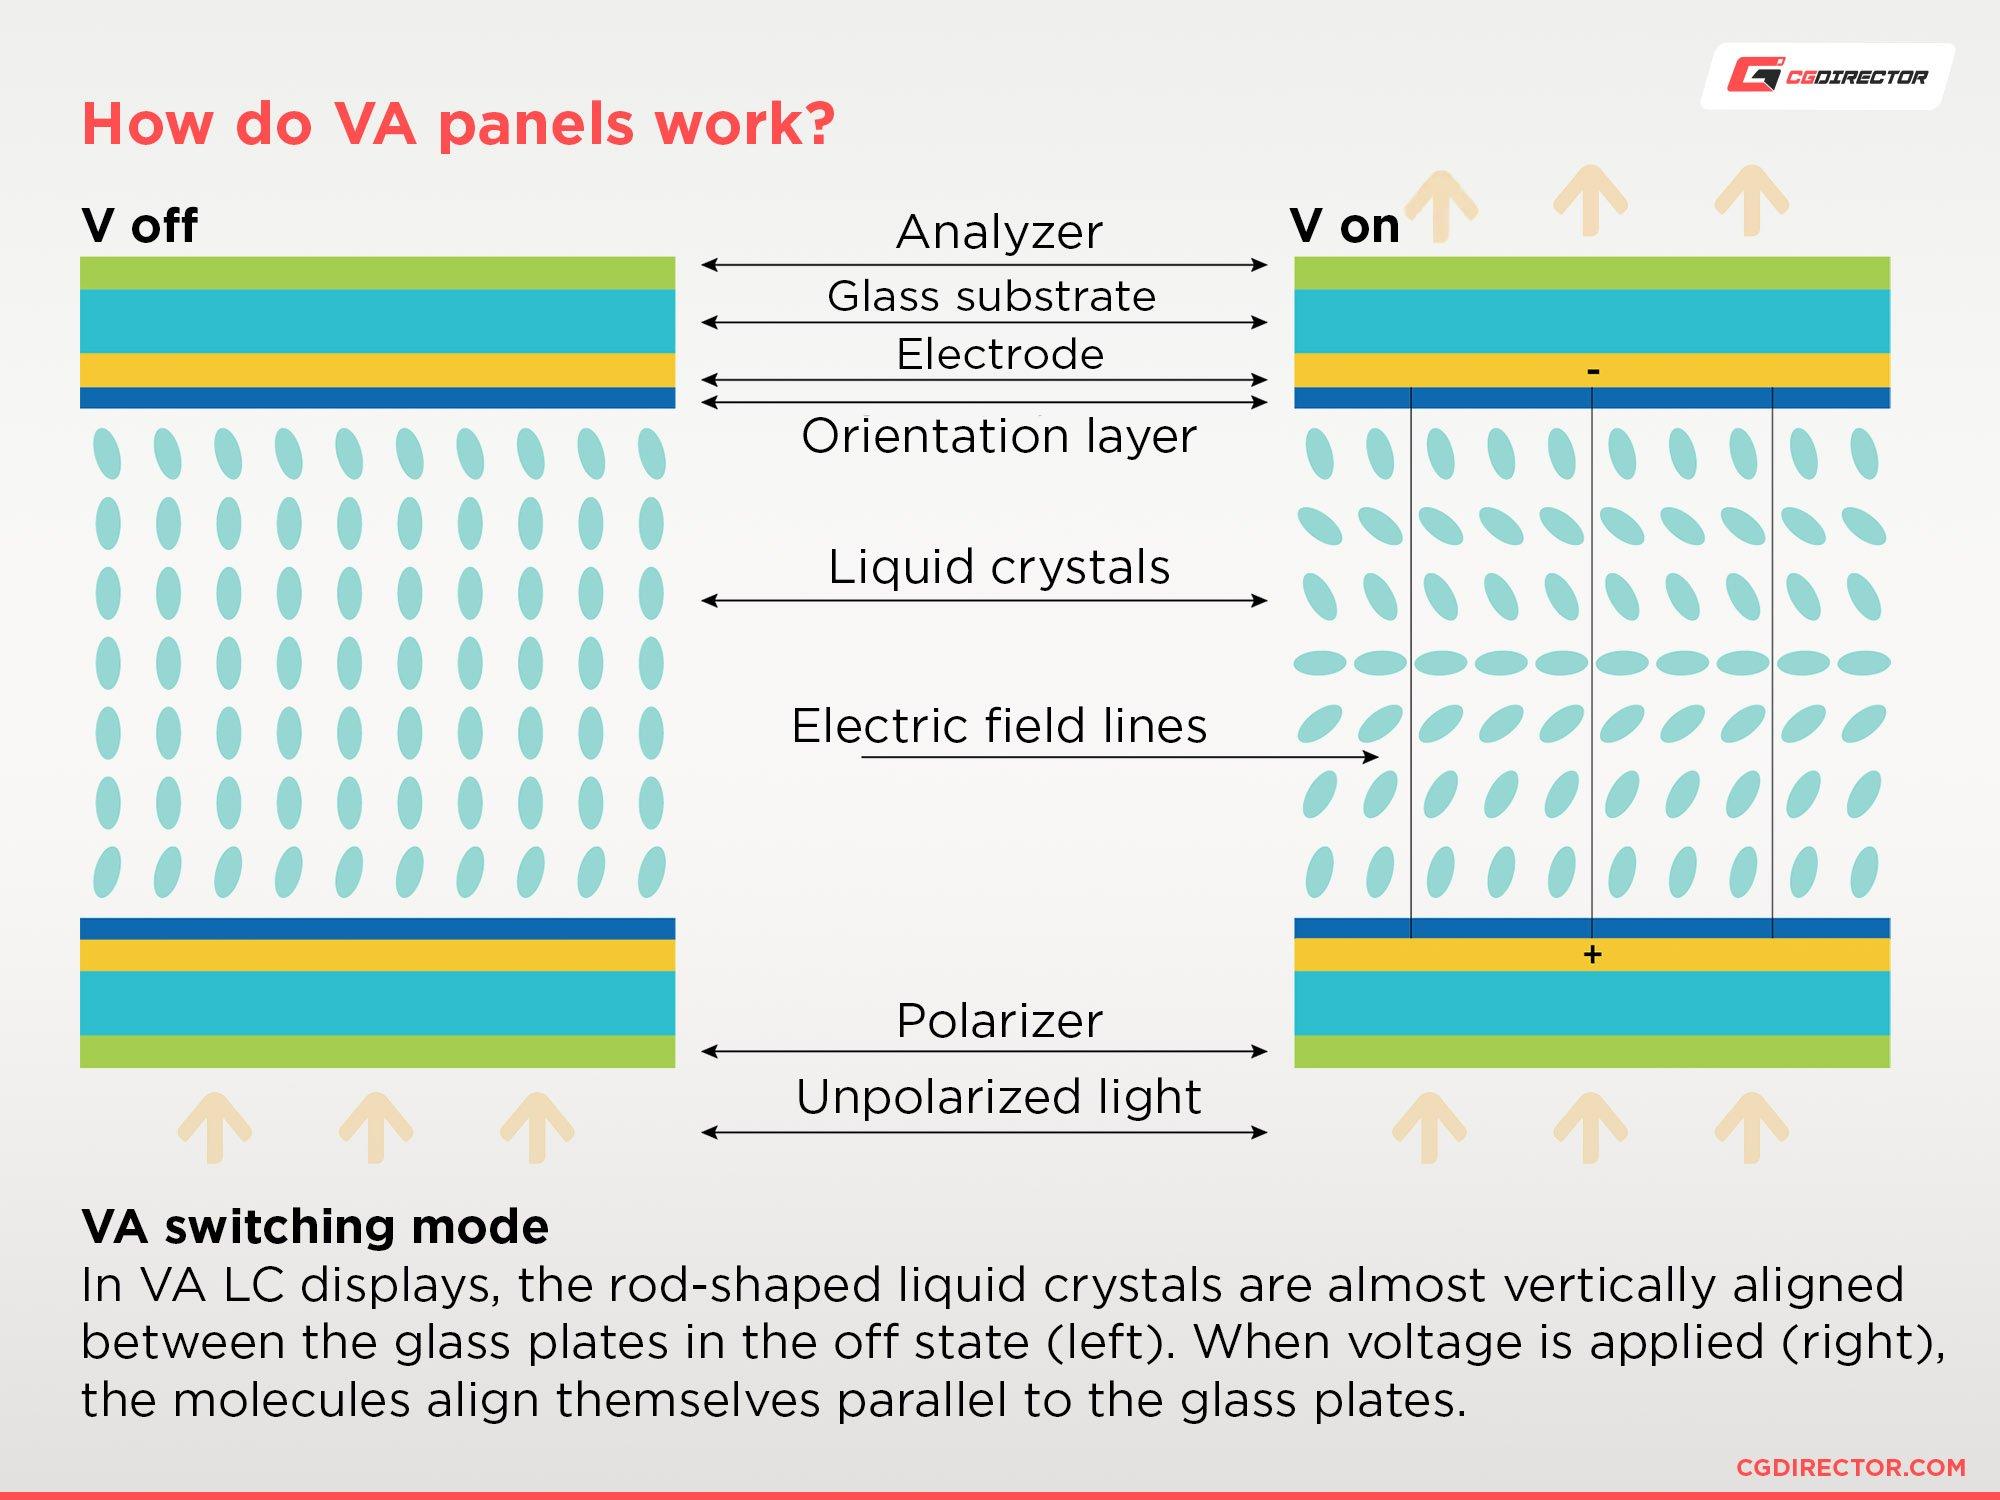 How do VA panels work